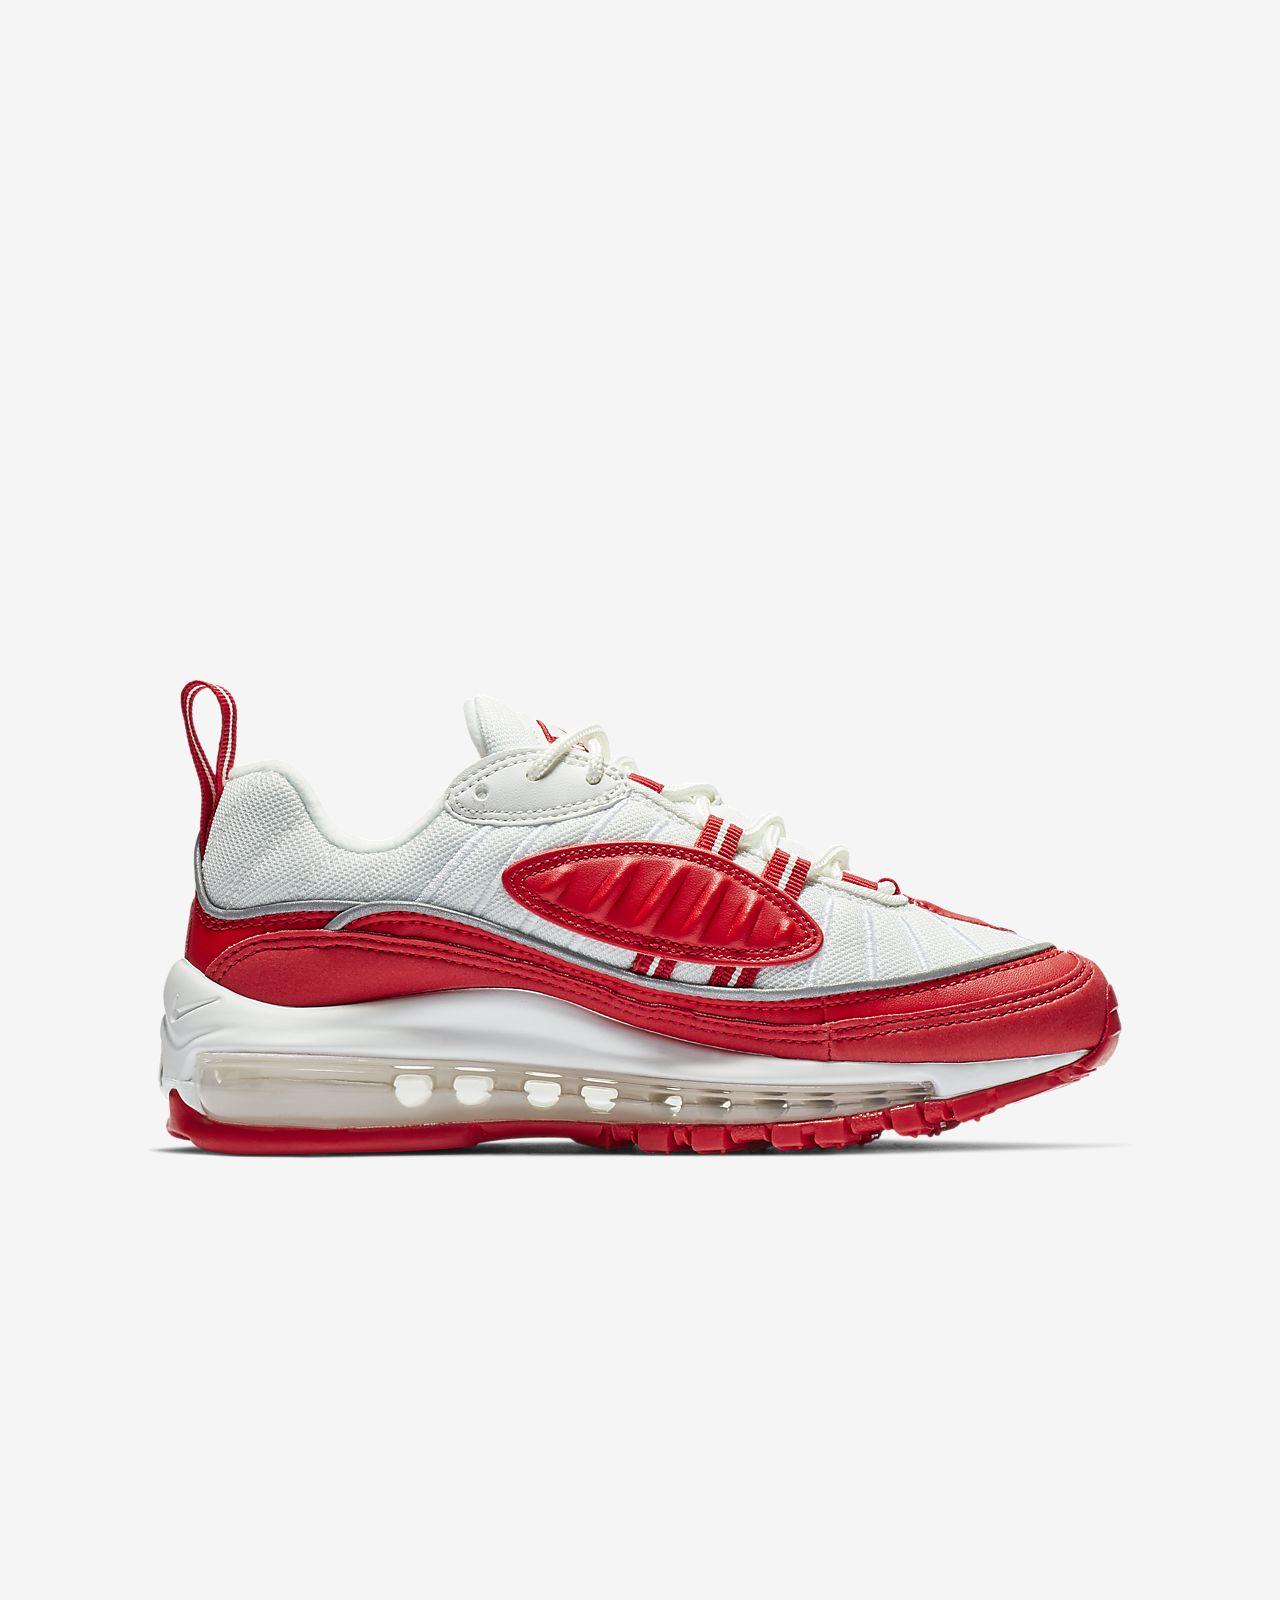 finest selection feed3 2e91f ... Chaussure Nike Air Max 98 pour Enfant plus âgé